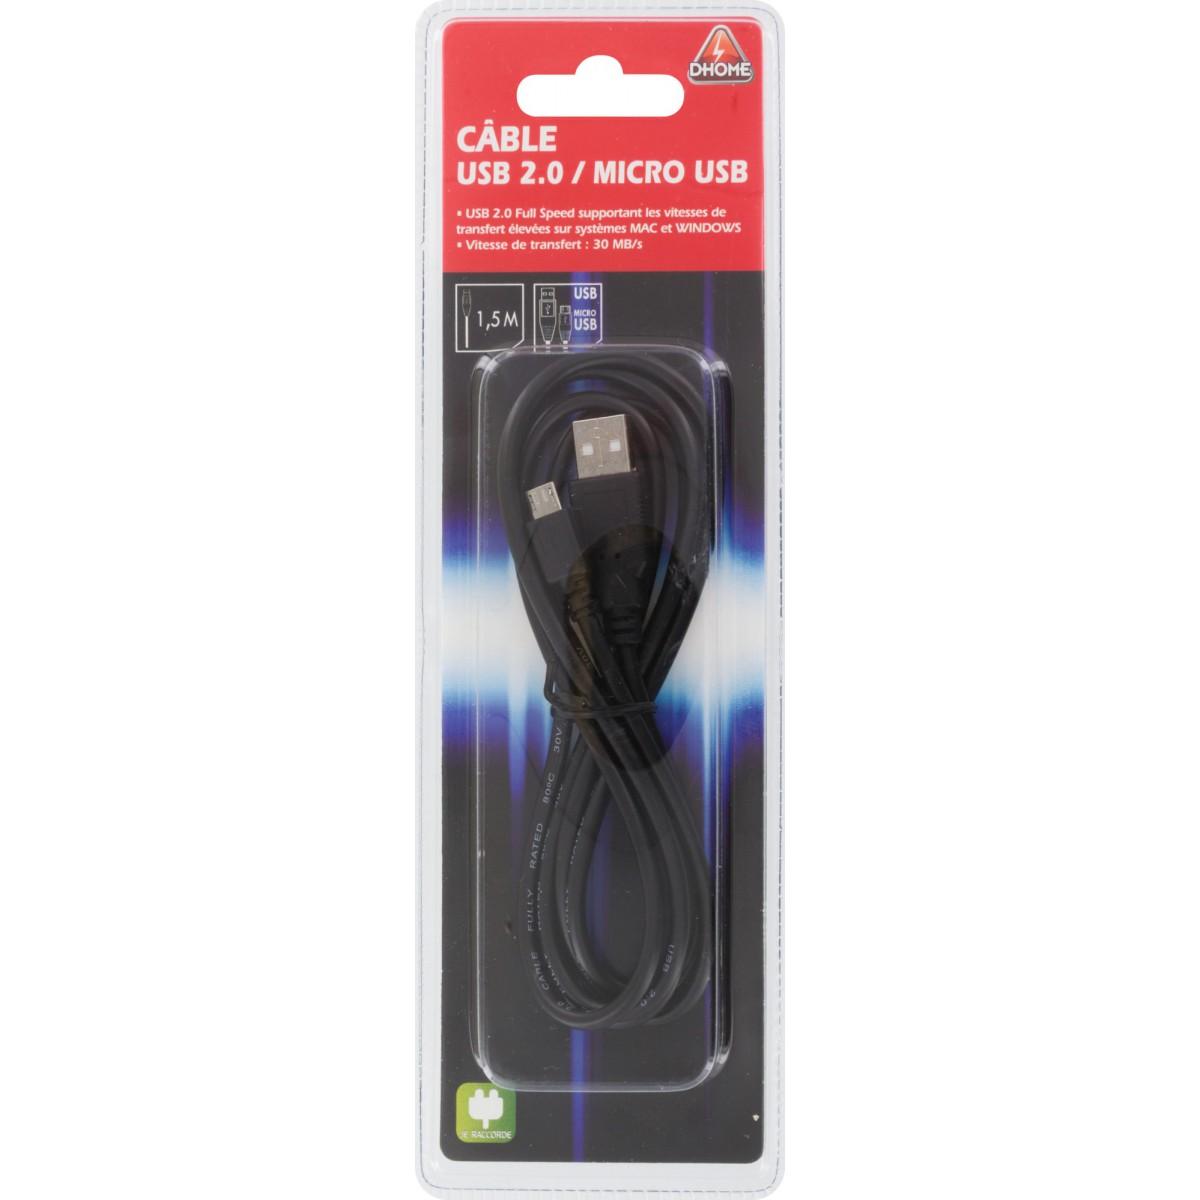 Câble USB 2.0 mâle/USB 2.0 micro mâle Dhome - Longueur 1,50 m